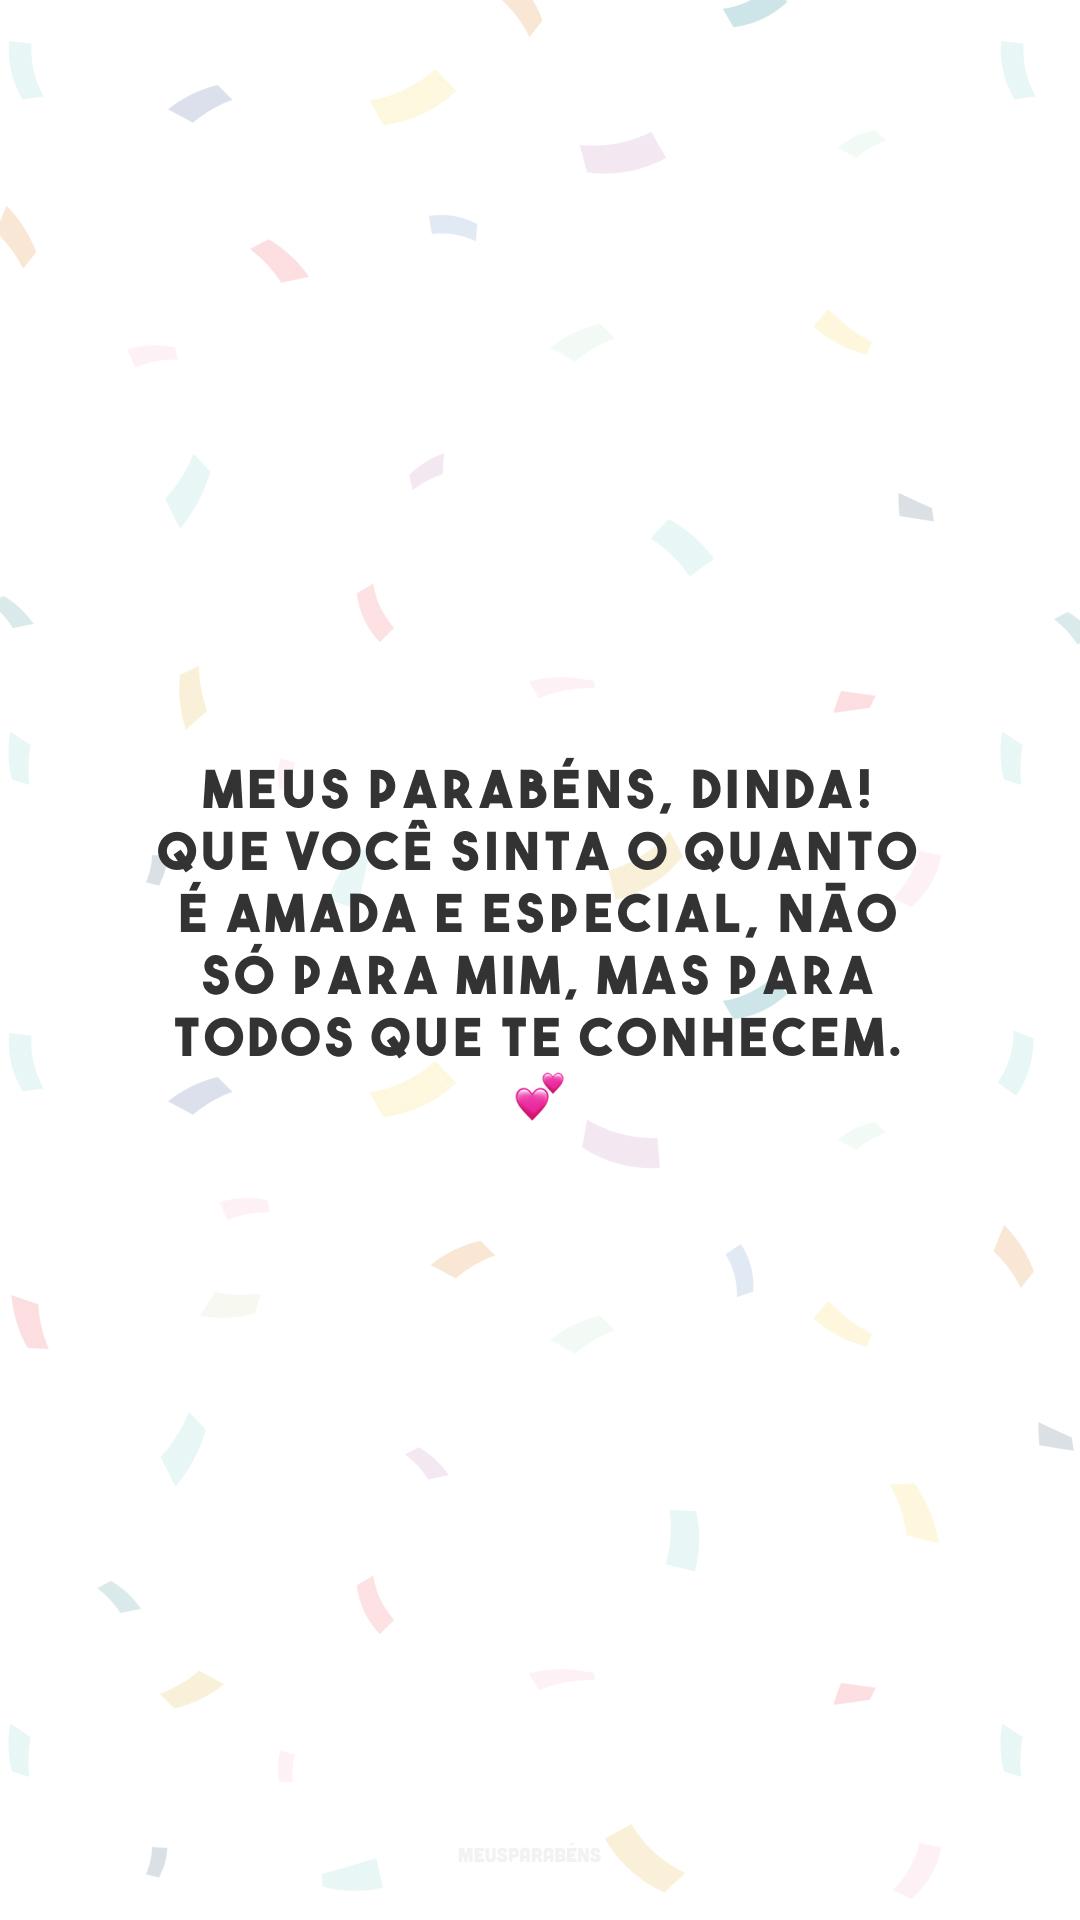 Meus parabéns, dinda! Que você sinta o quanto é amada e especial, não só para mim, mas para todos que te conhecem. 💕